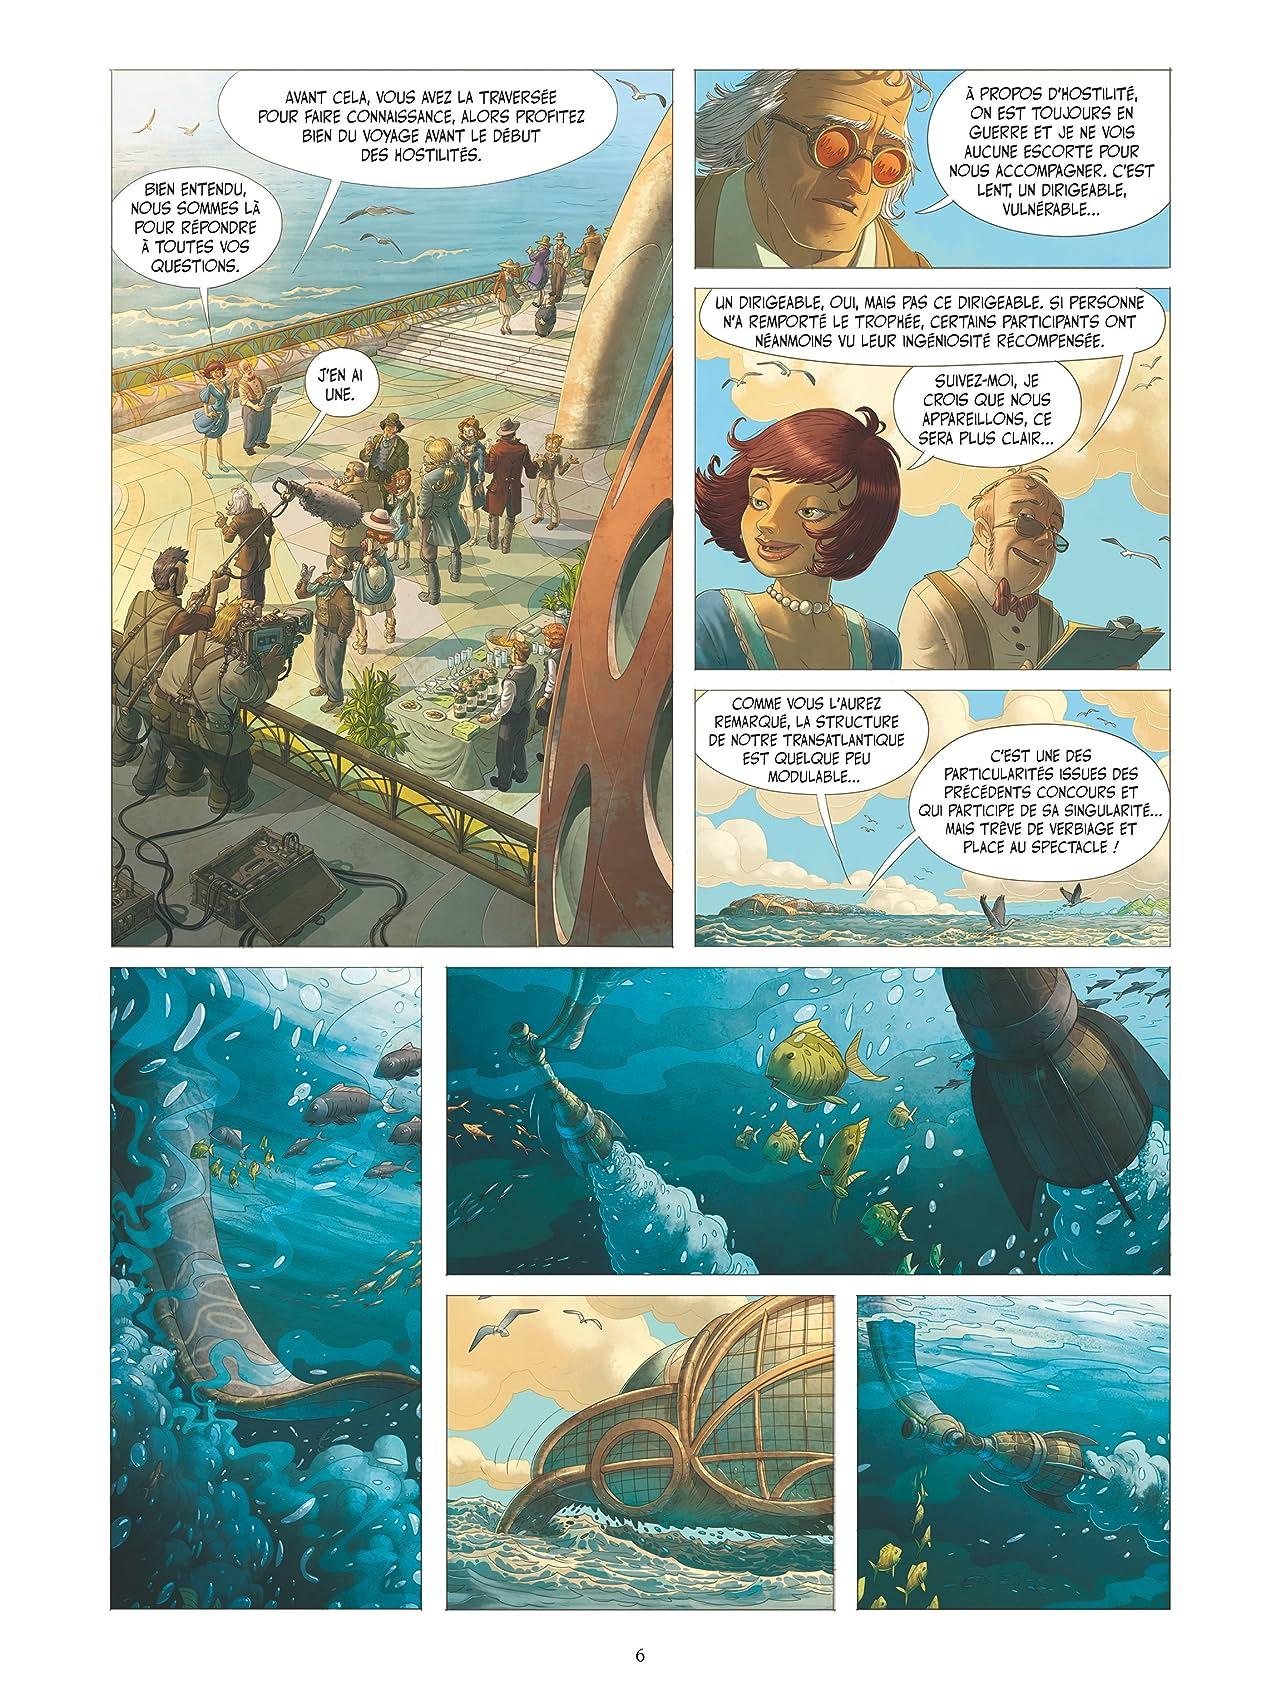 Le Voyage Extraordinaire Vol. 3